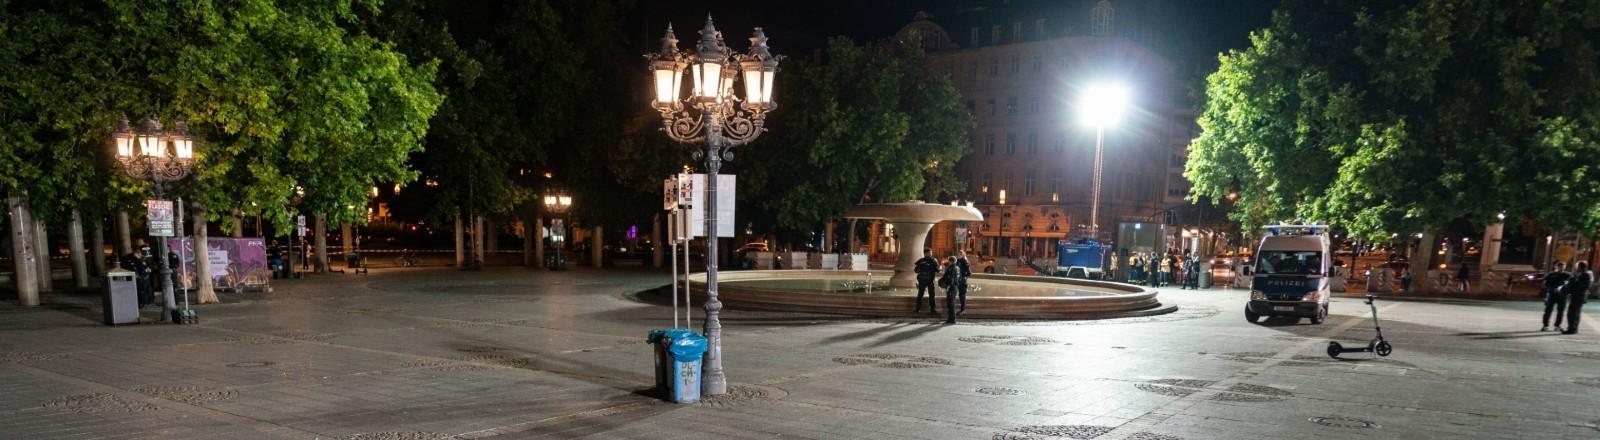 Der Opernplatz in Frankfurt, nachdem er in der Nacht vom 18. Juli geräumt wurde.